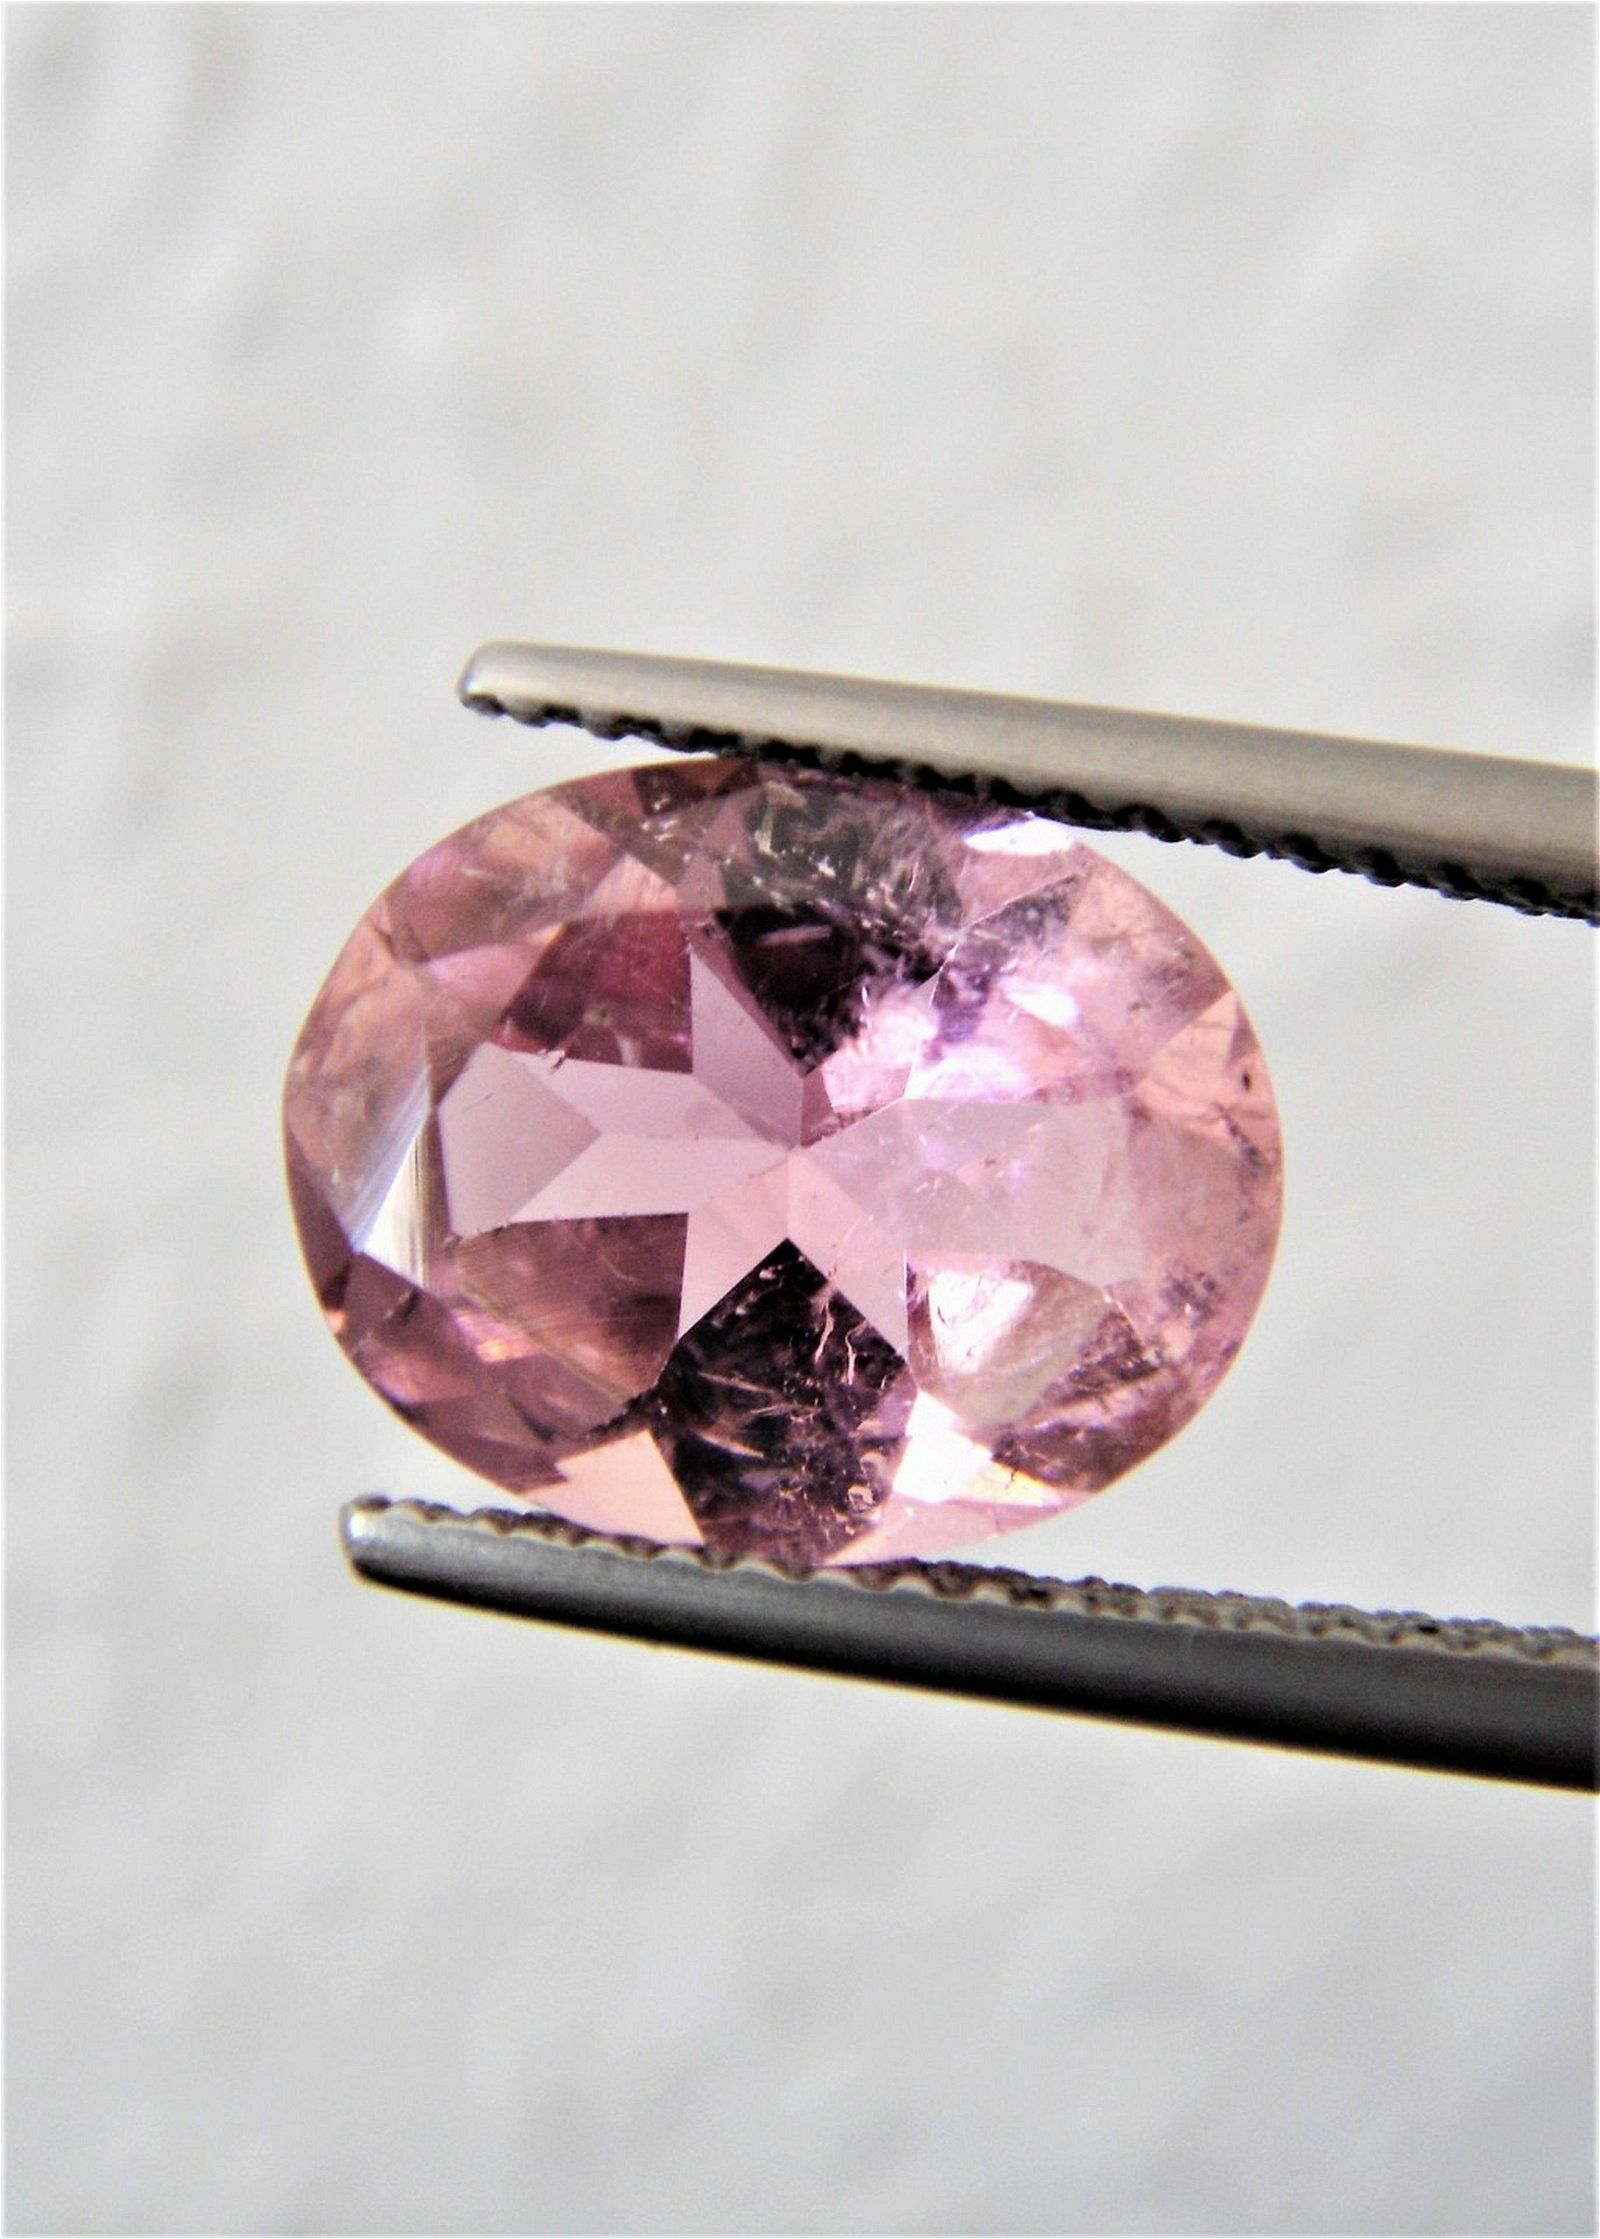 Baby Pink Tourmaline - 2.95 ct